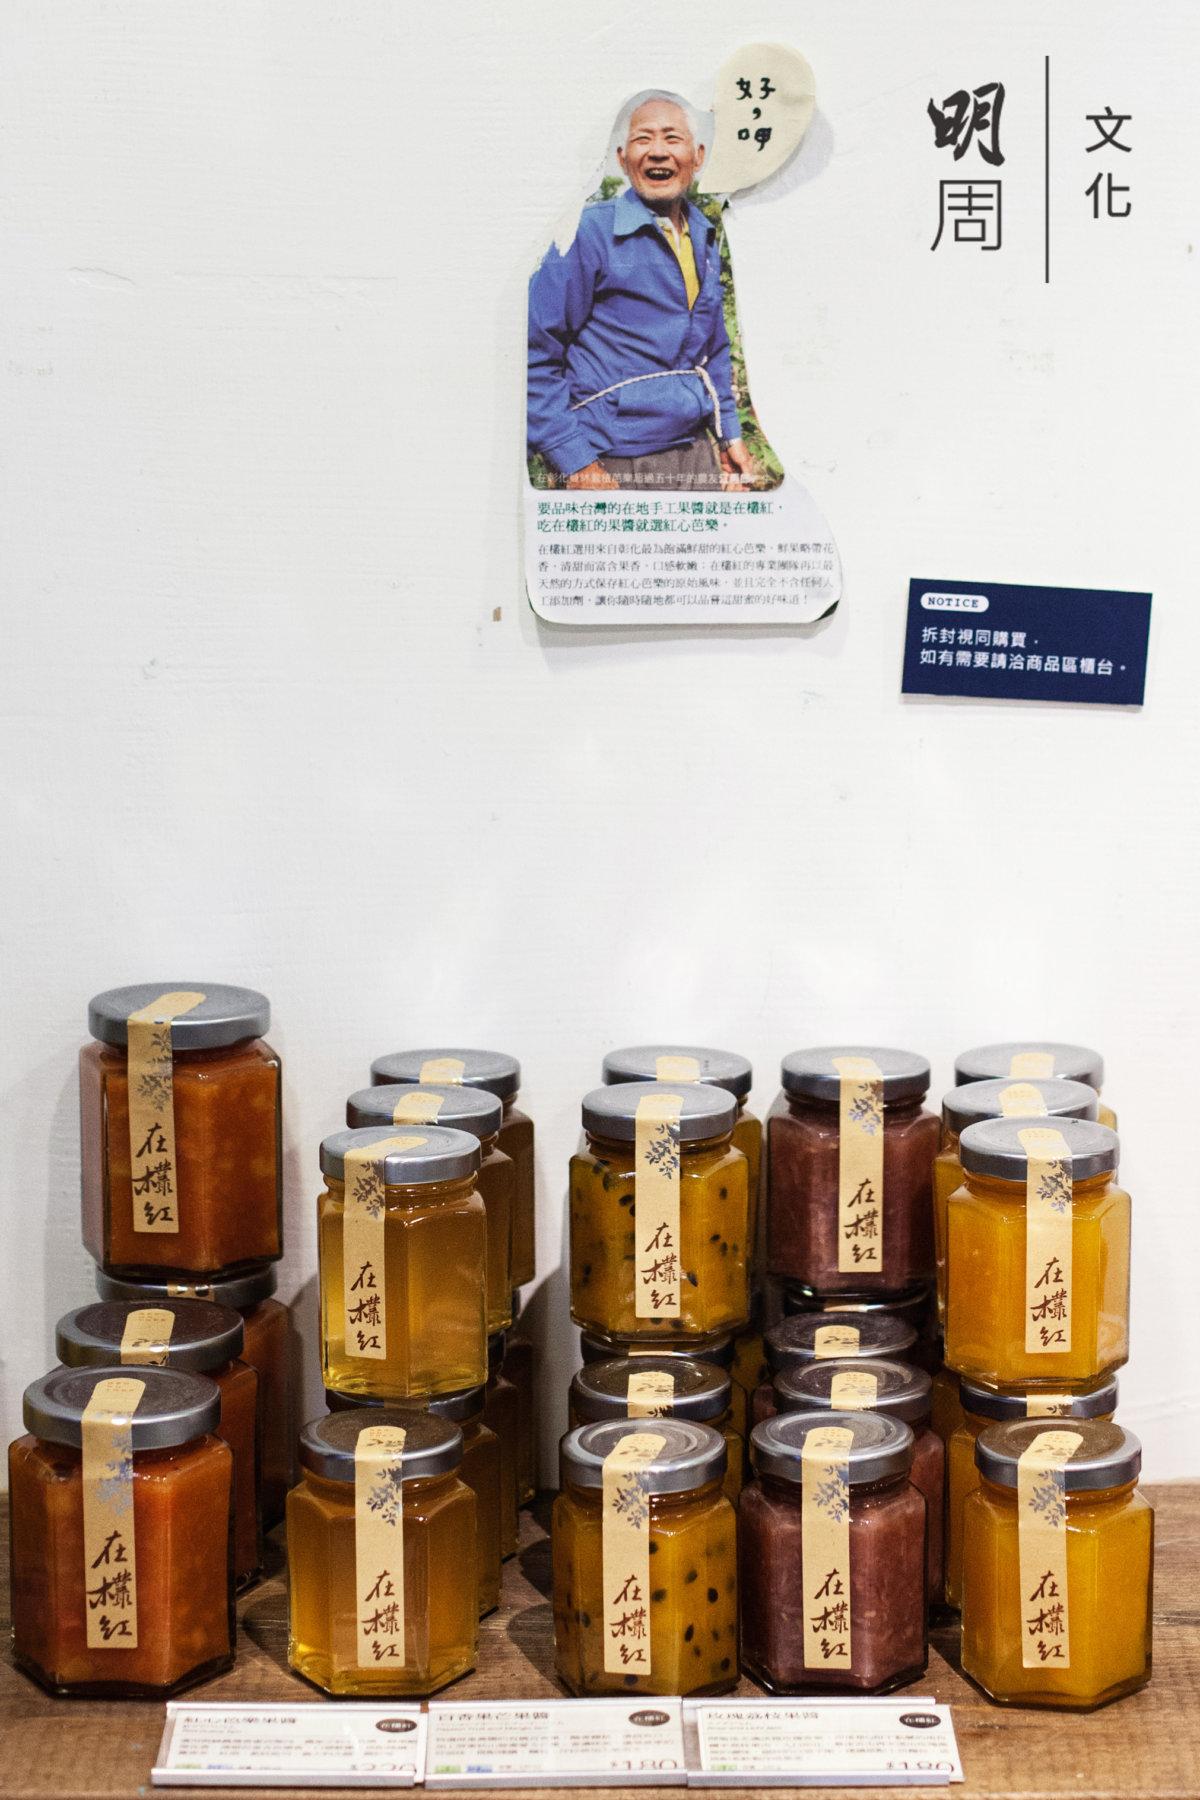 農產加工品牌「在 欉紅」率先將在地果醬 品牌化,保存和發揮台 灣水果的本土自然香 氣。